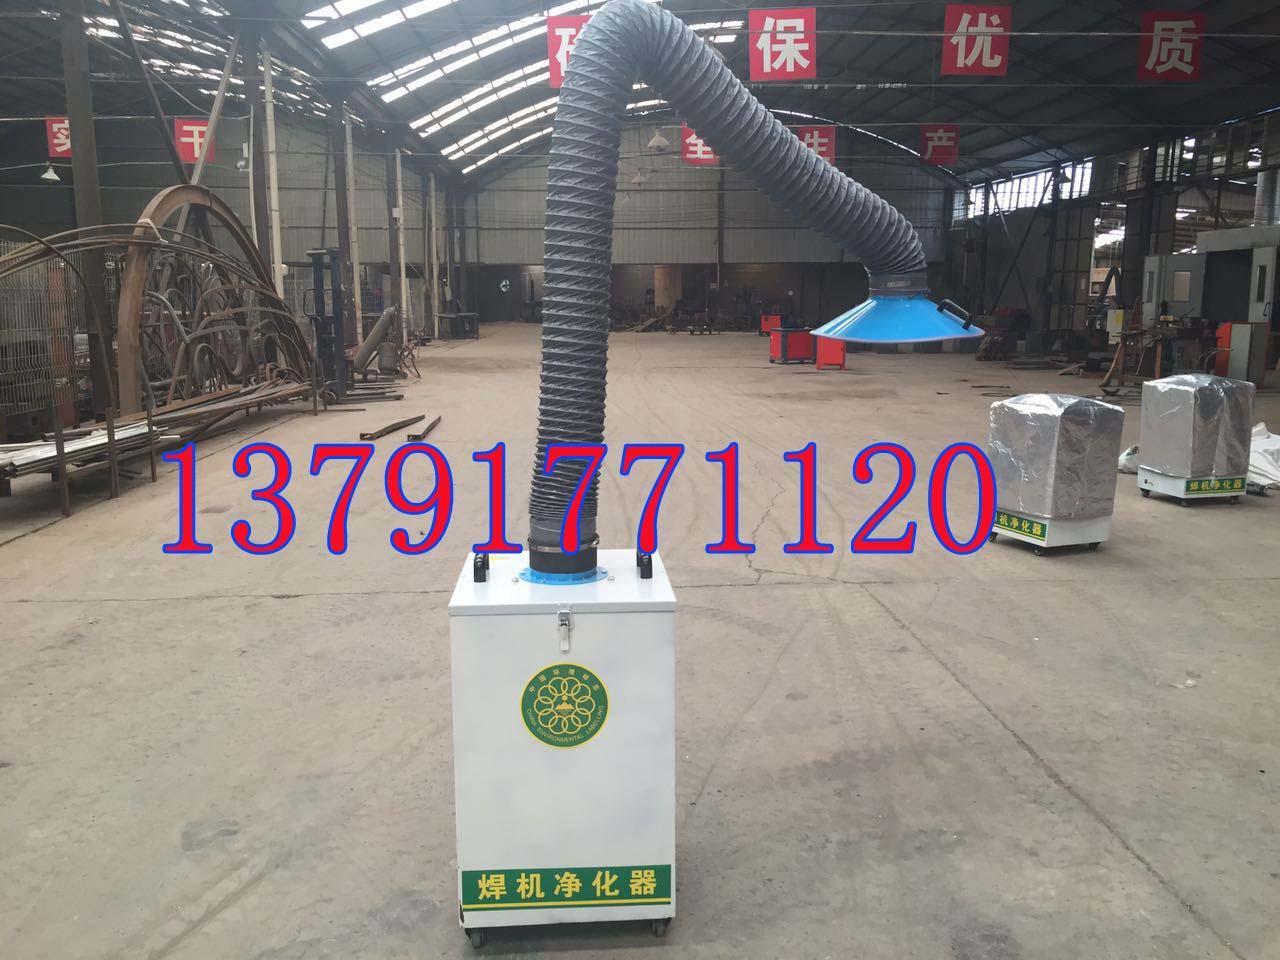 环保没的说移动式焊烟除尘净化器13791771120